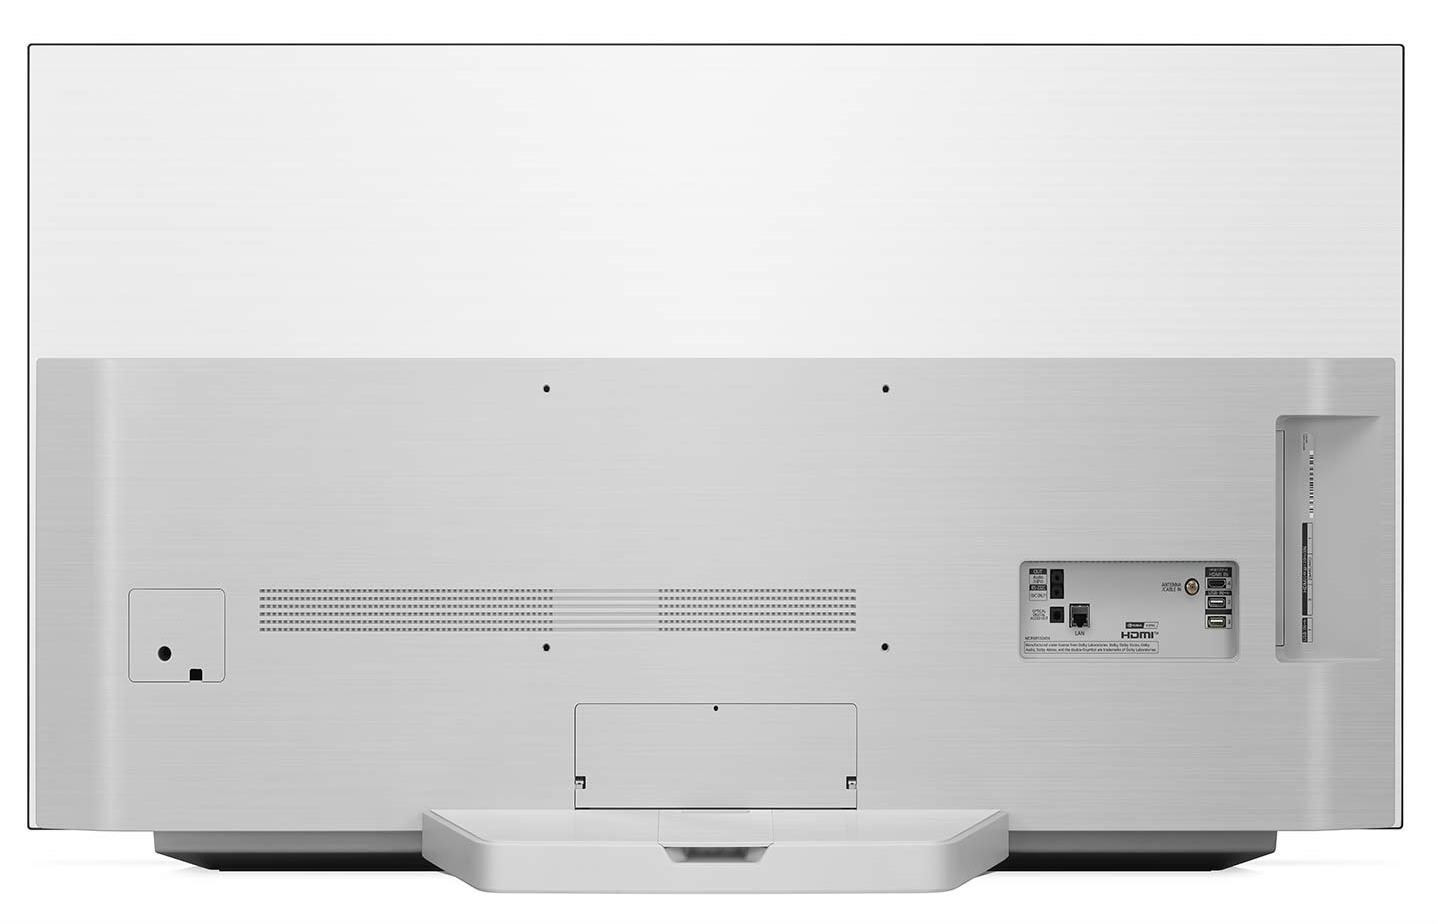 טלוויזיה 55 אינץ' דגם OLED 55C1PVB  בטכנולוגיית LG OLED 4K Ultra HD אל ג'י - תמונה 8